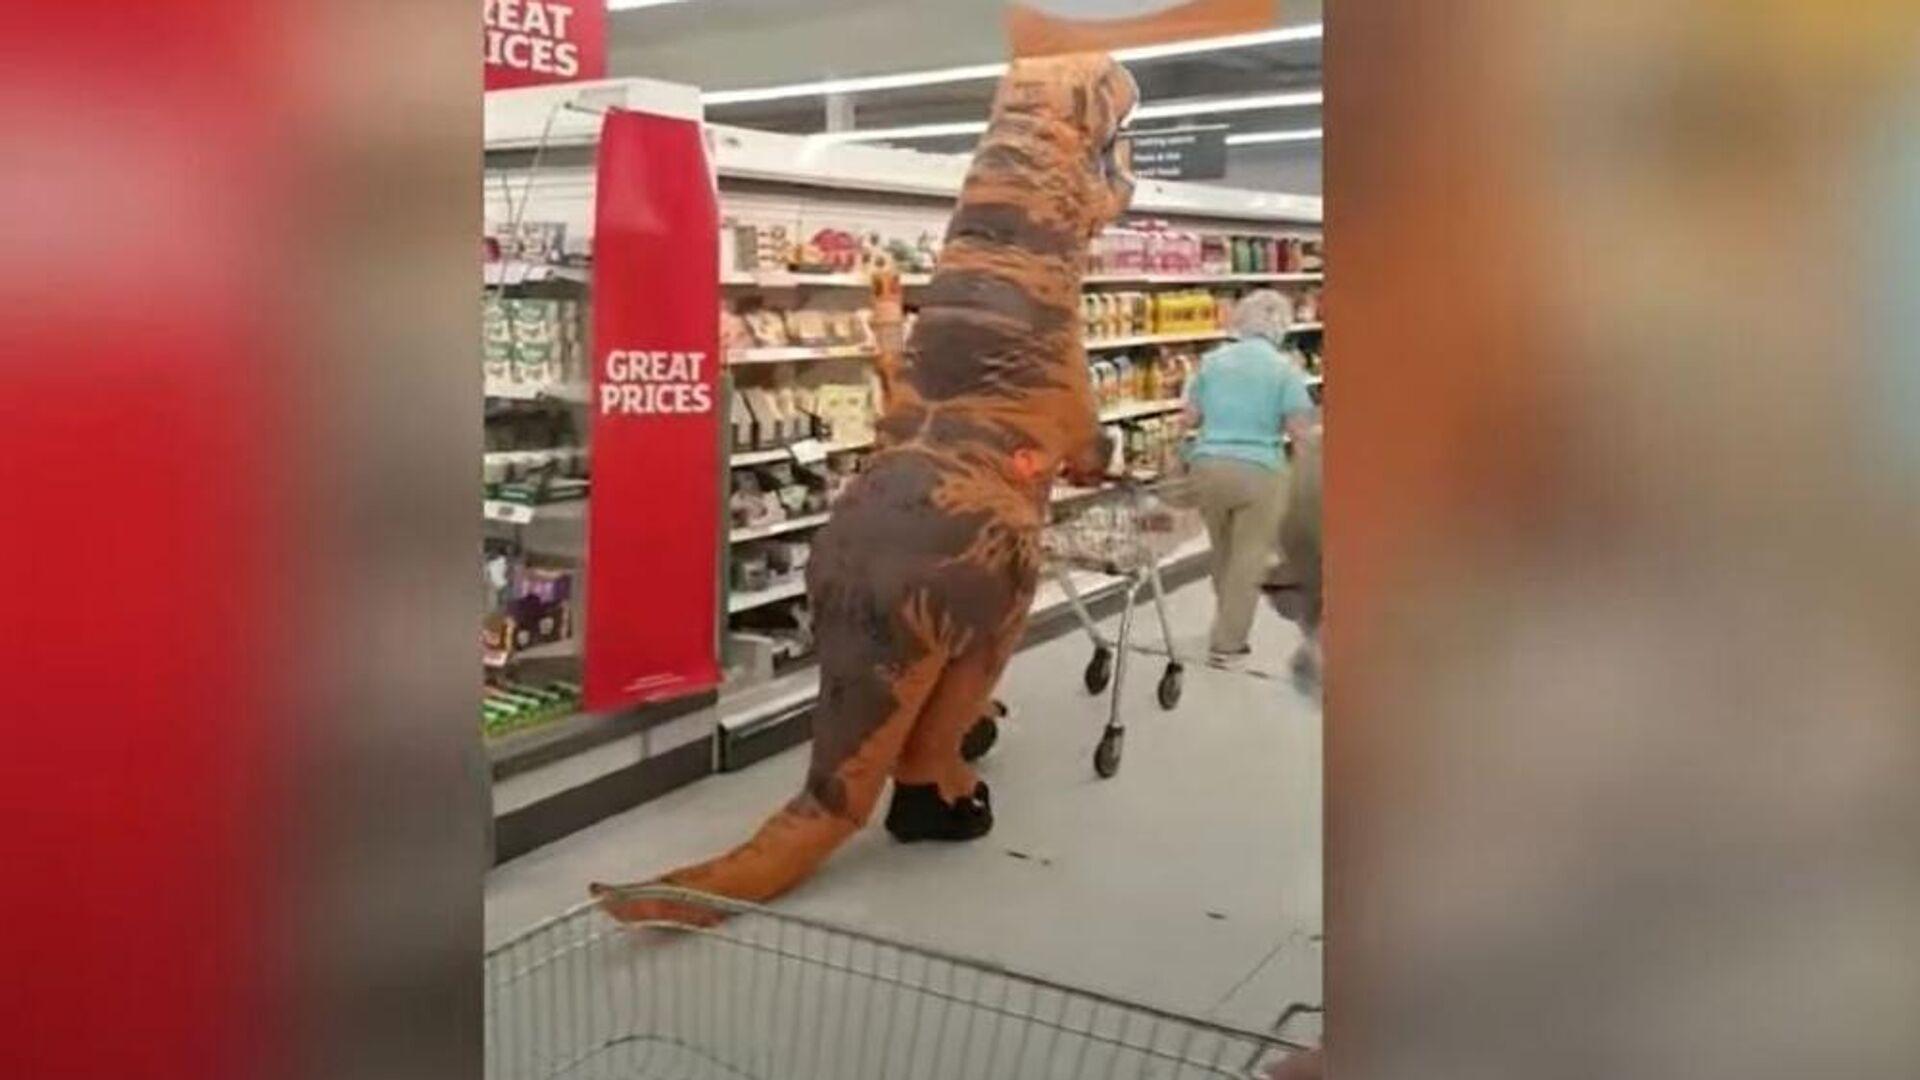 Τρελάρας εγγονός πάει σούπερ μάρκετ με τη γιαγιά του ντυμένος δεινόσαυρος για την κάνει να χαρεί - Sputnik Ελλάδα, 1920, 24.07.2021